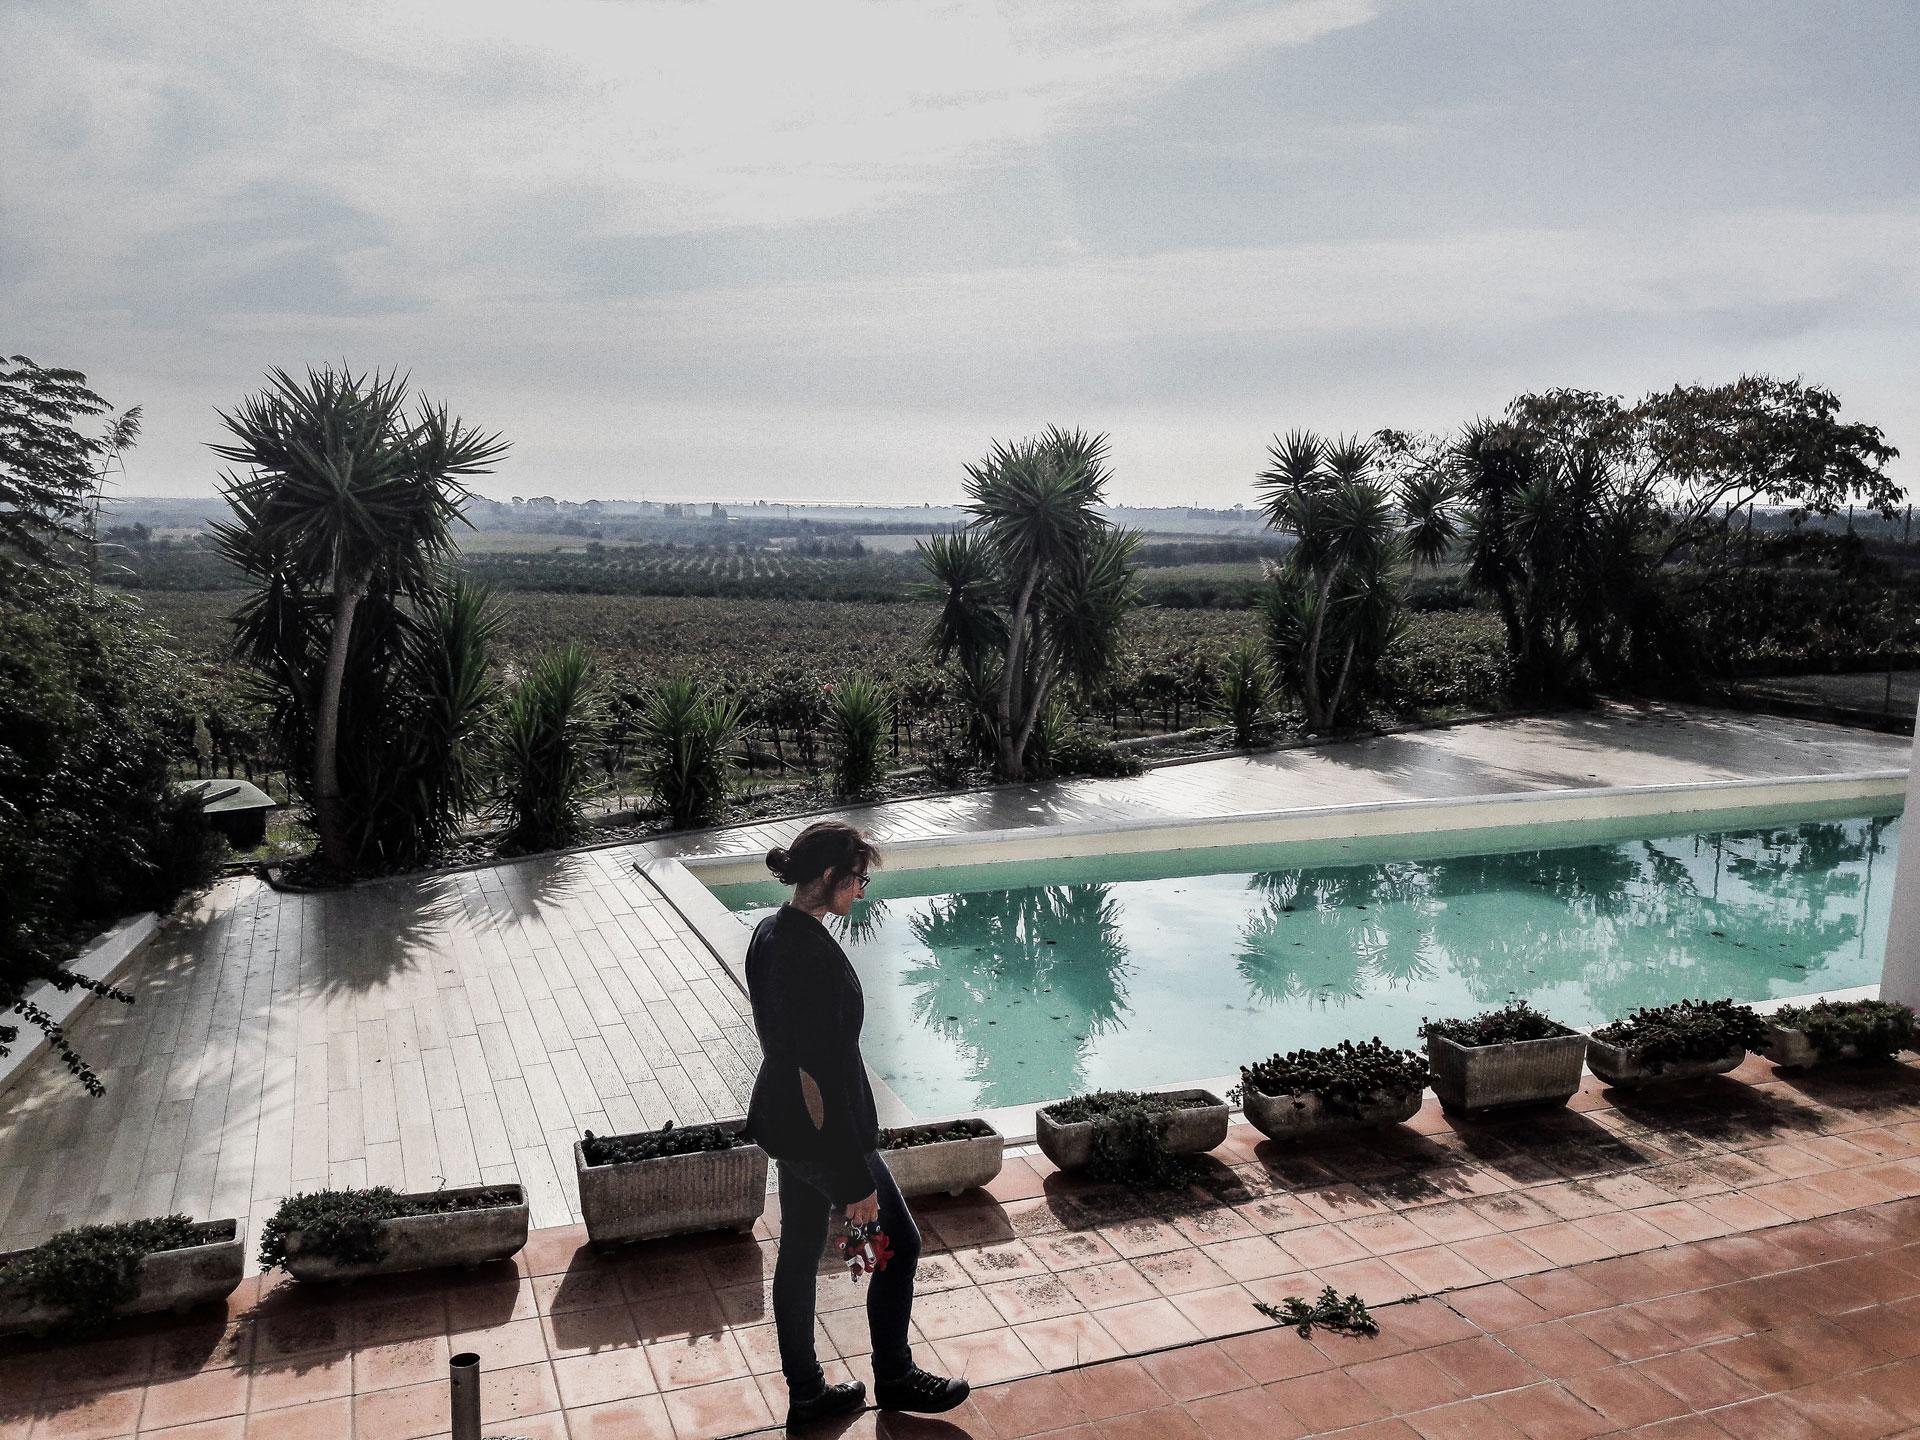 A resort around Montalbano Jonico